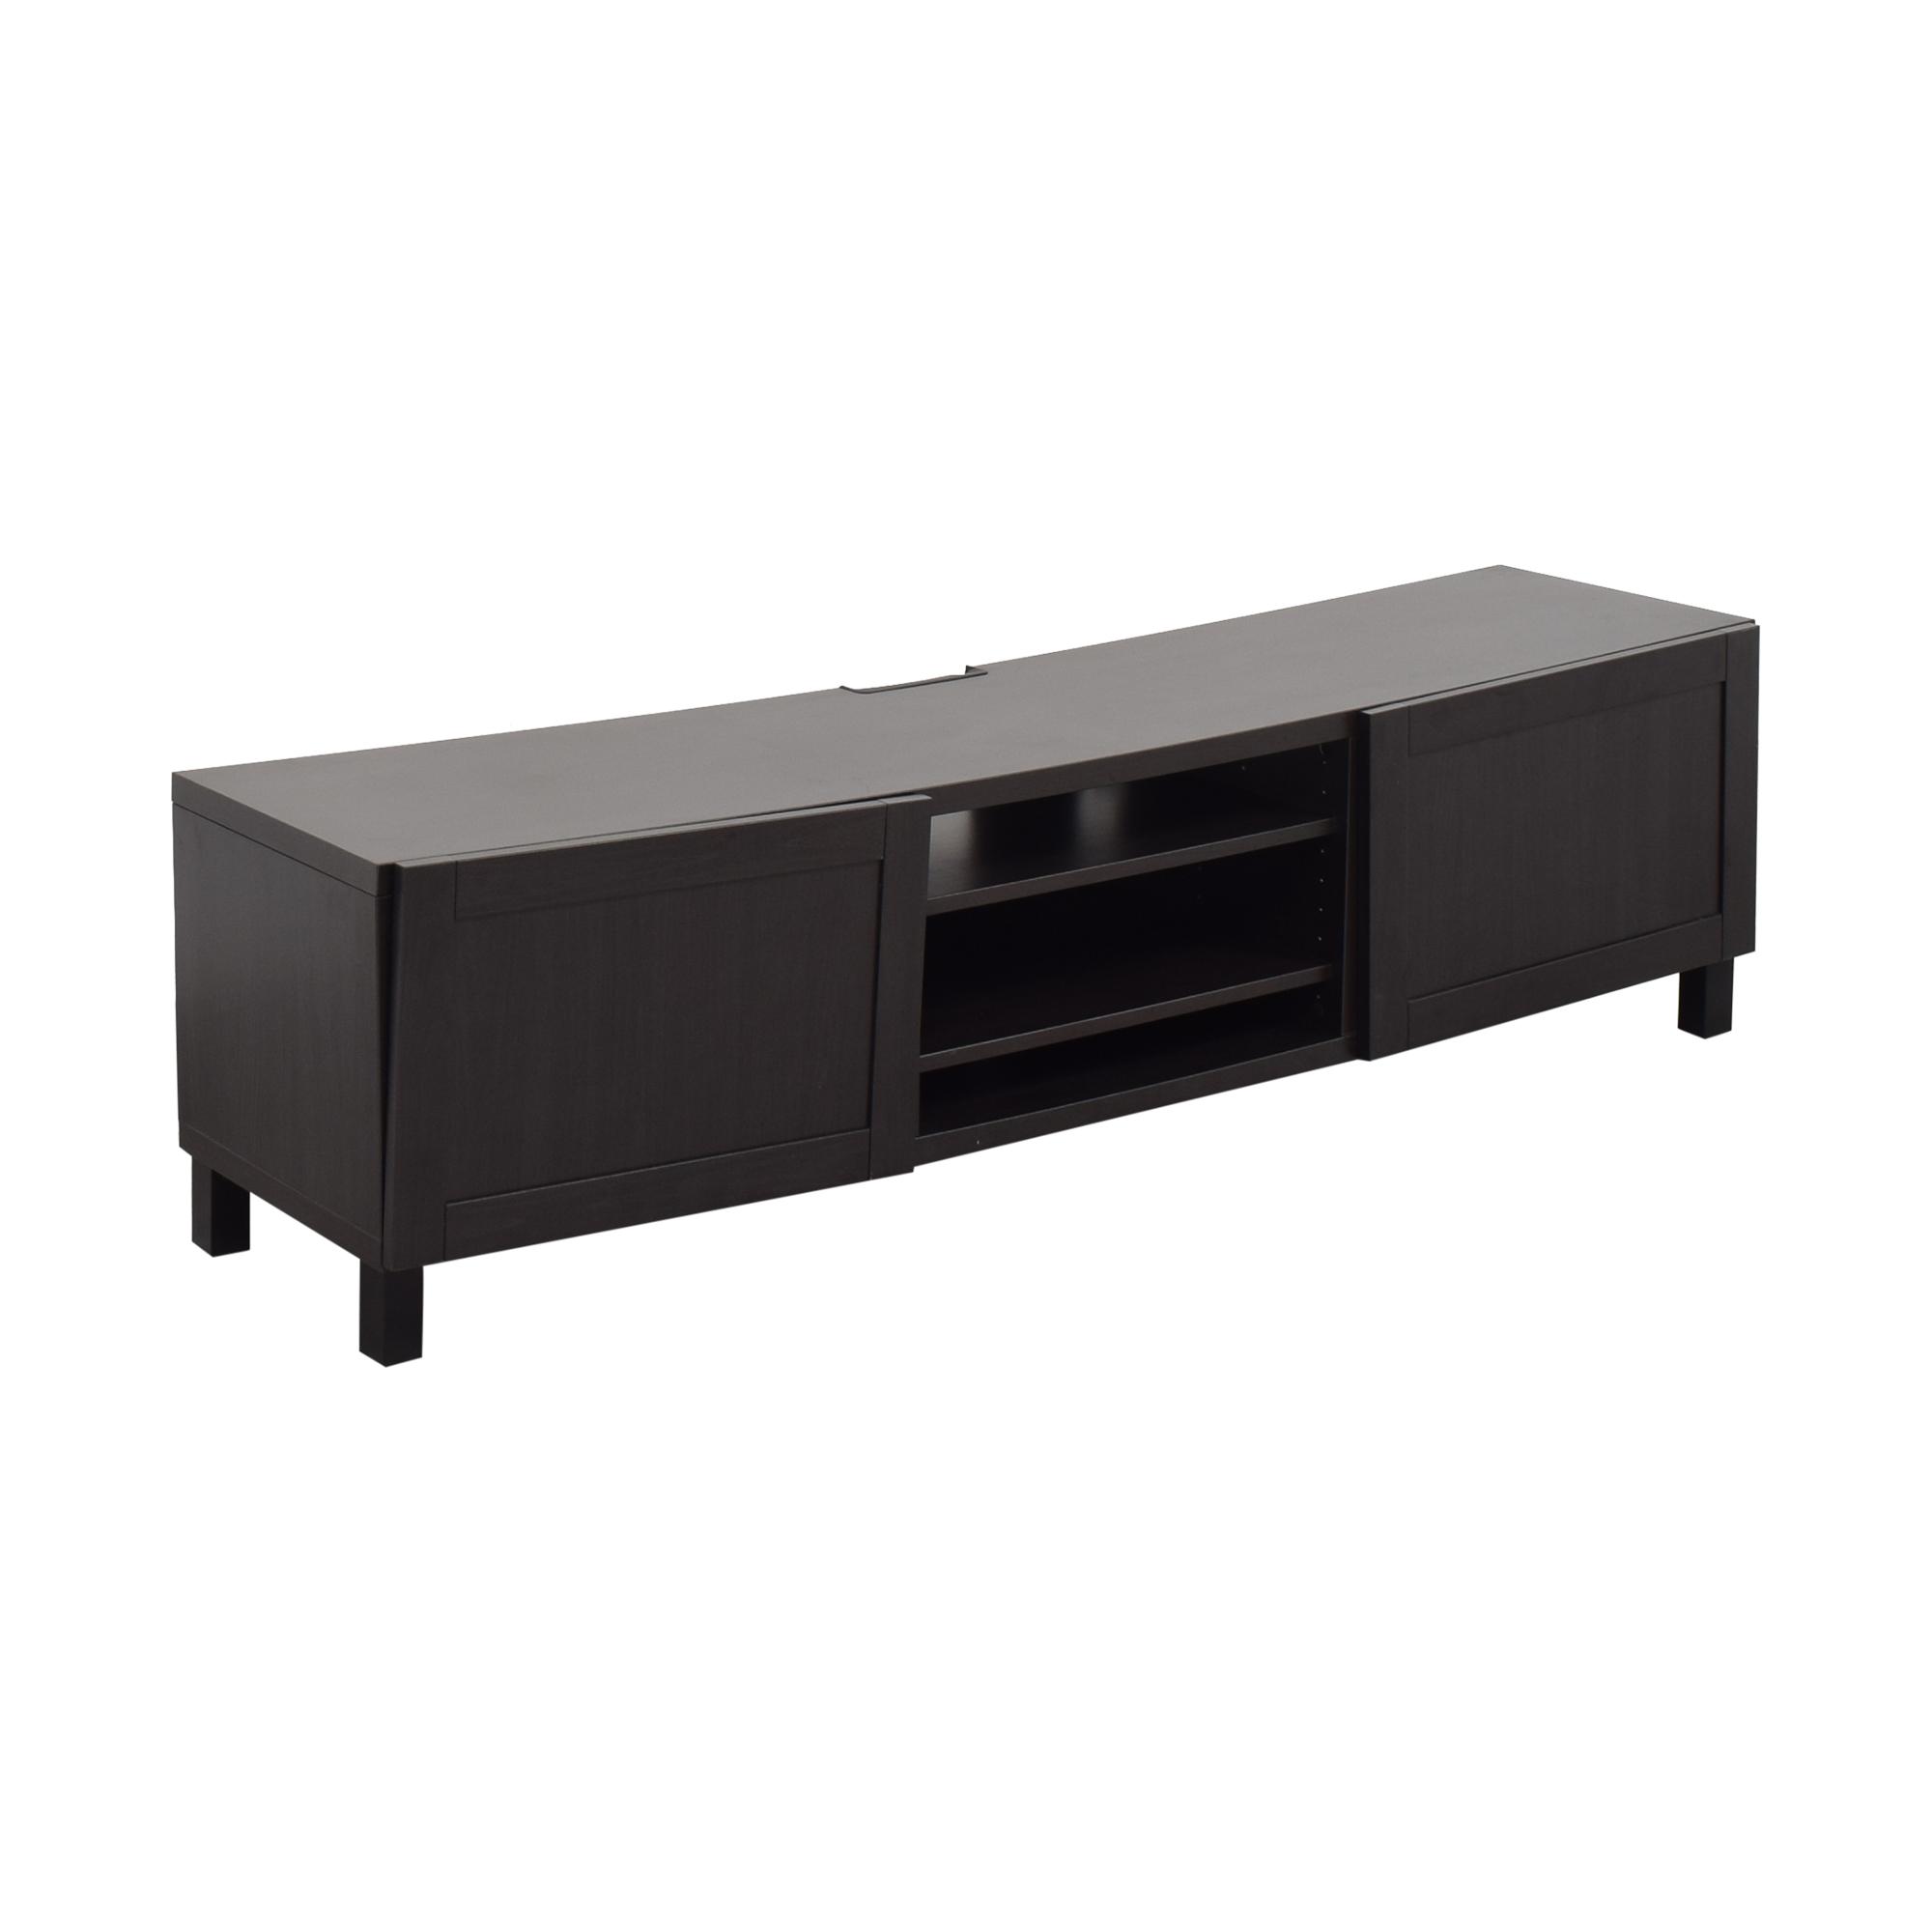 buy IKEA Ikea TV Stand online